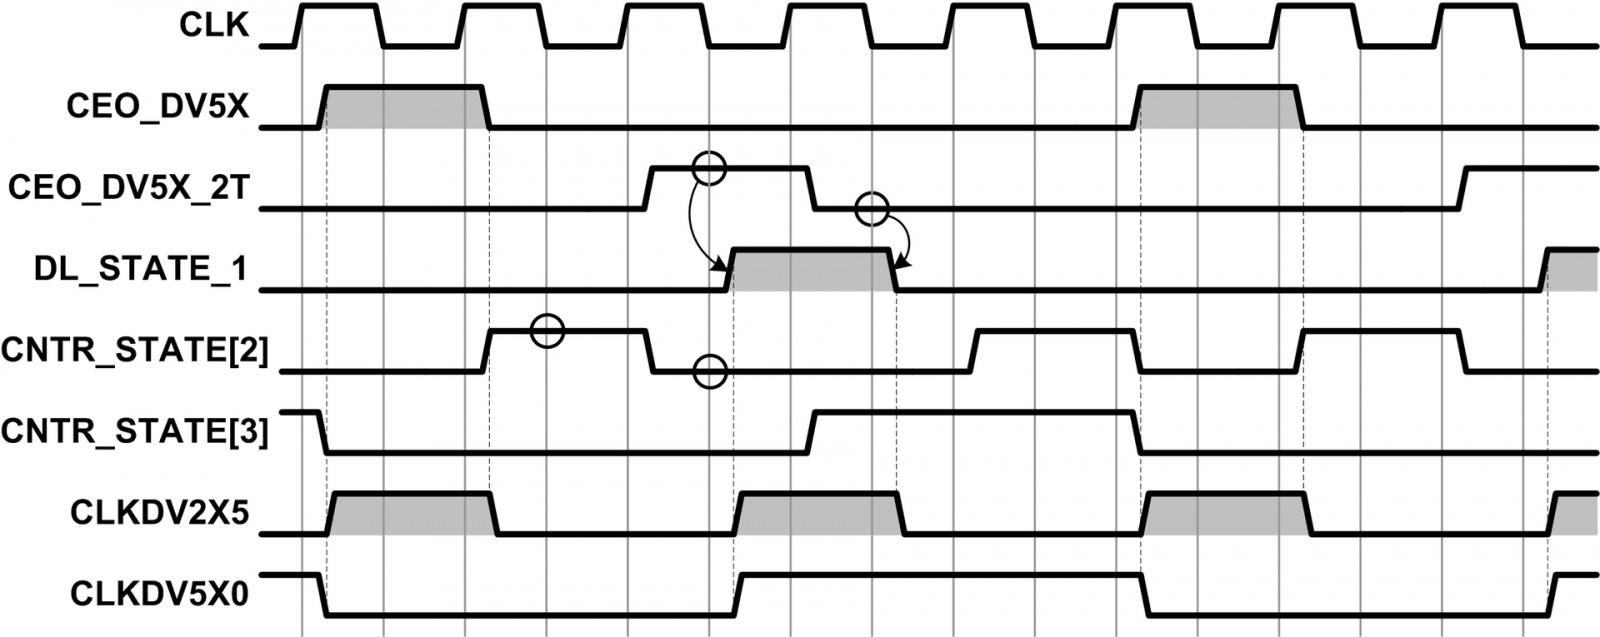 Организация делителя частоты с дробным коэффициентом деления в объёме ПЛИС - 5